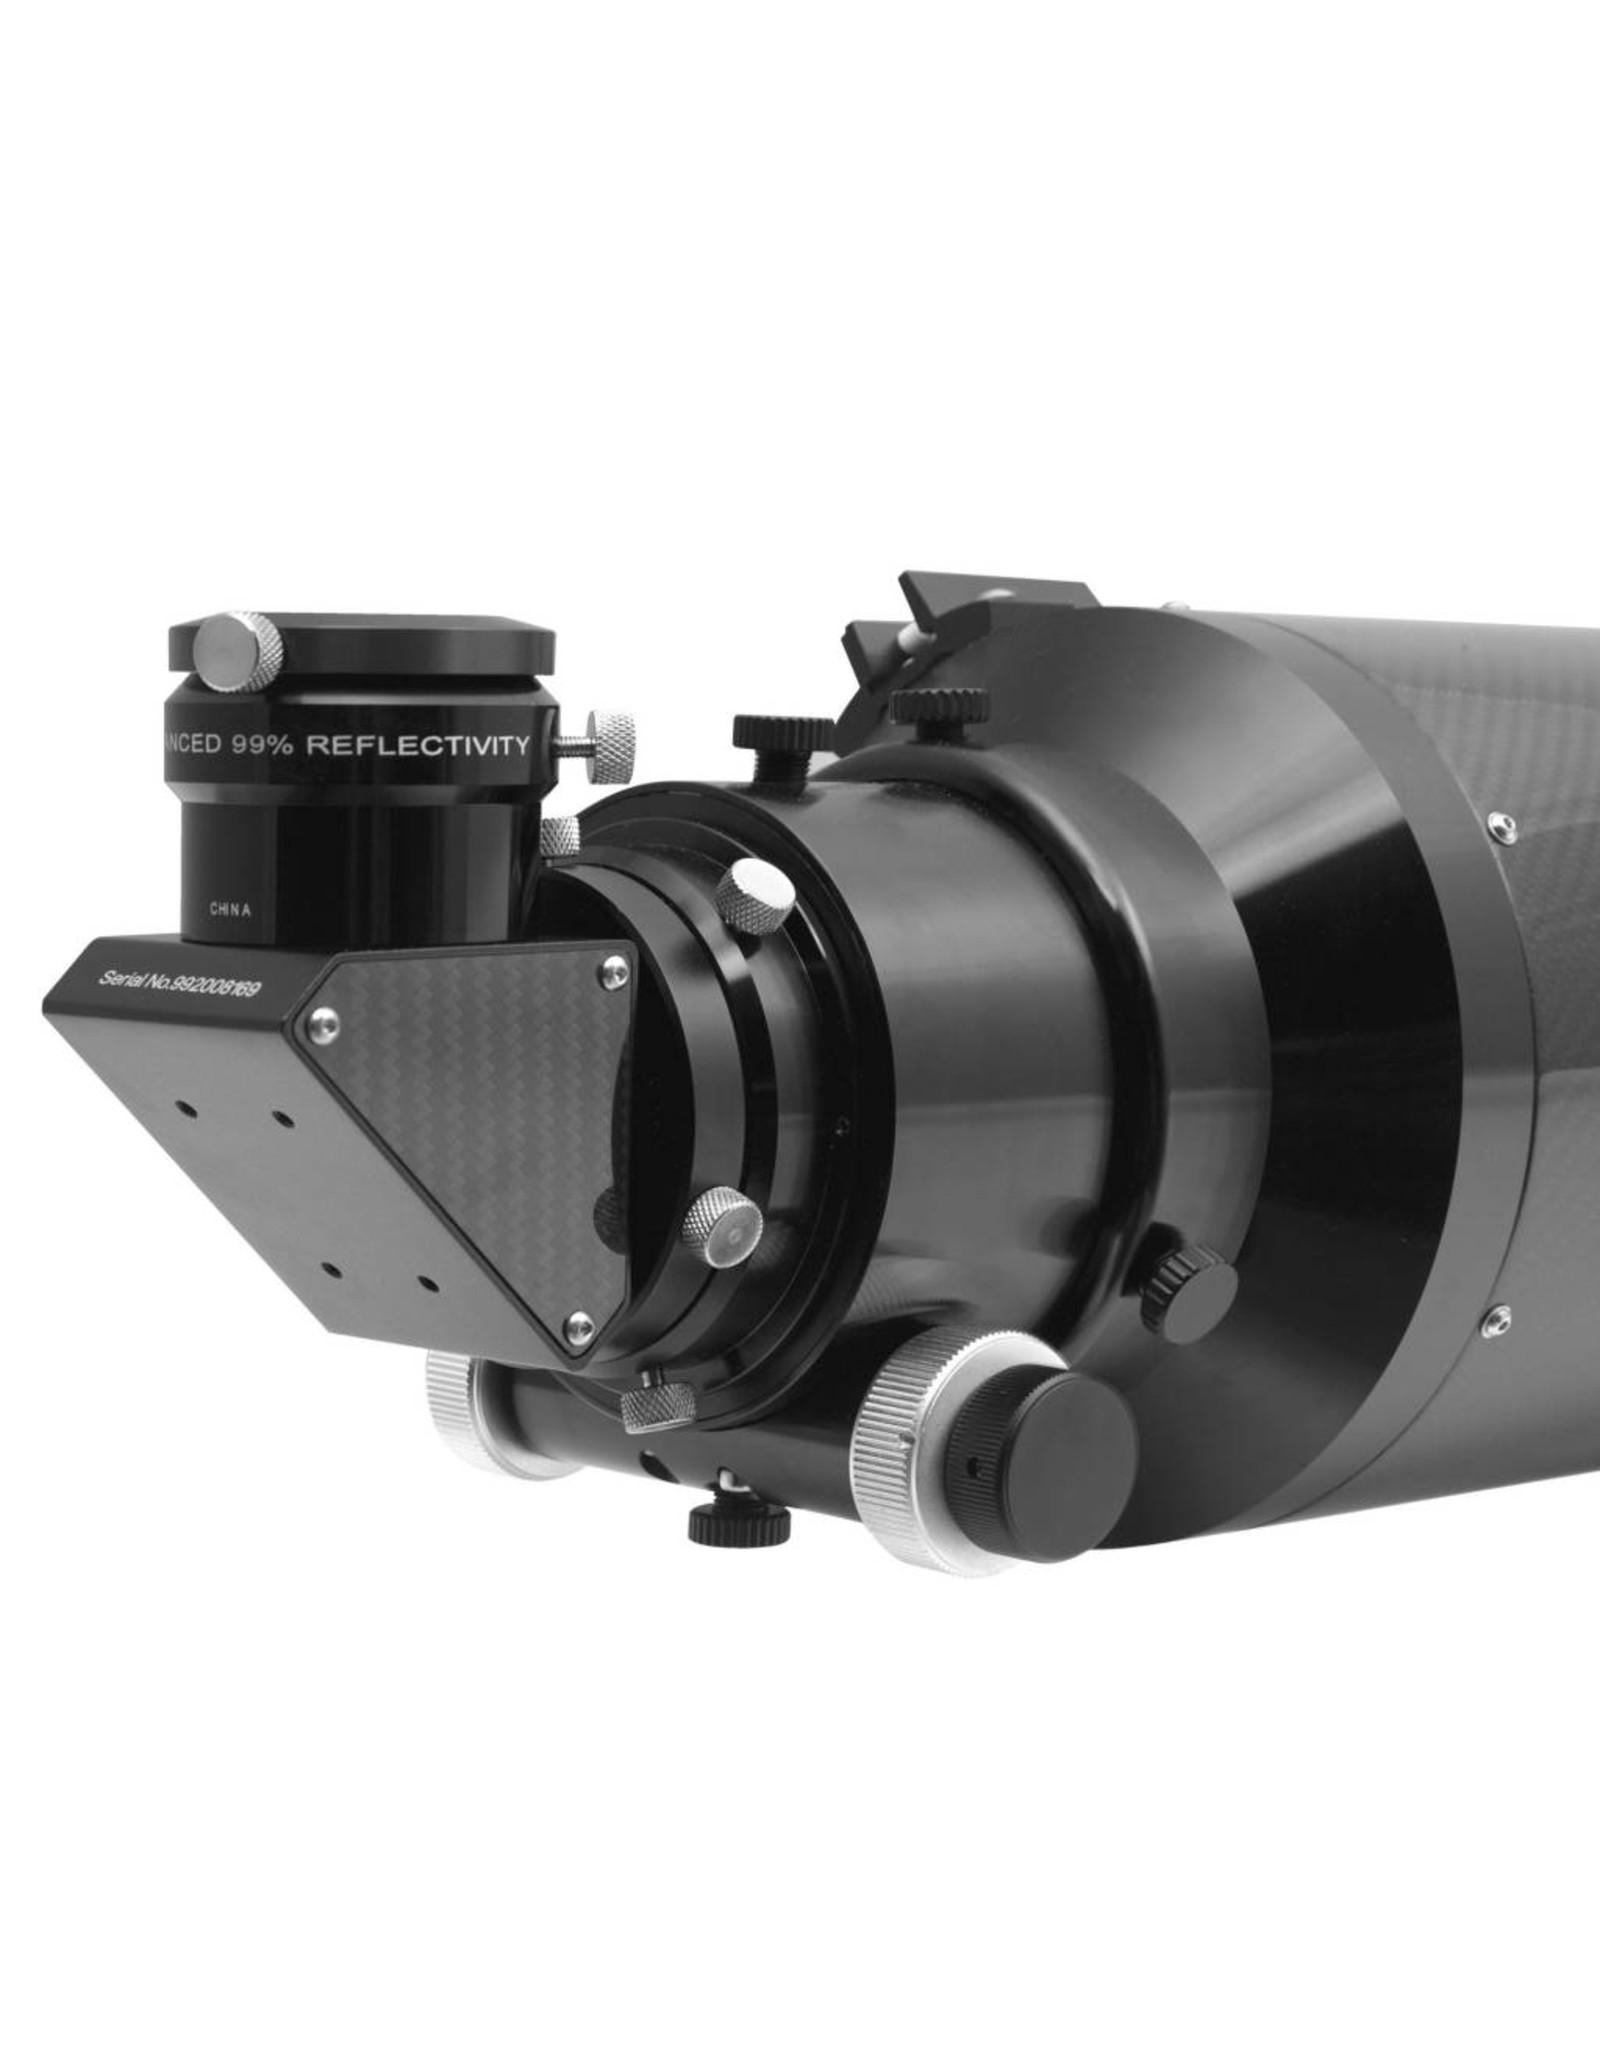 Explore Scientific Explore Scientific 165mm f/7 FPL-53 Air-Spaced Triplet ED APO Refractor